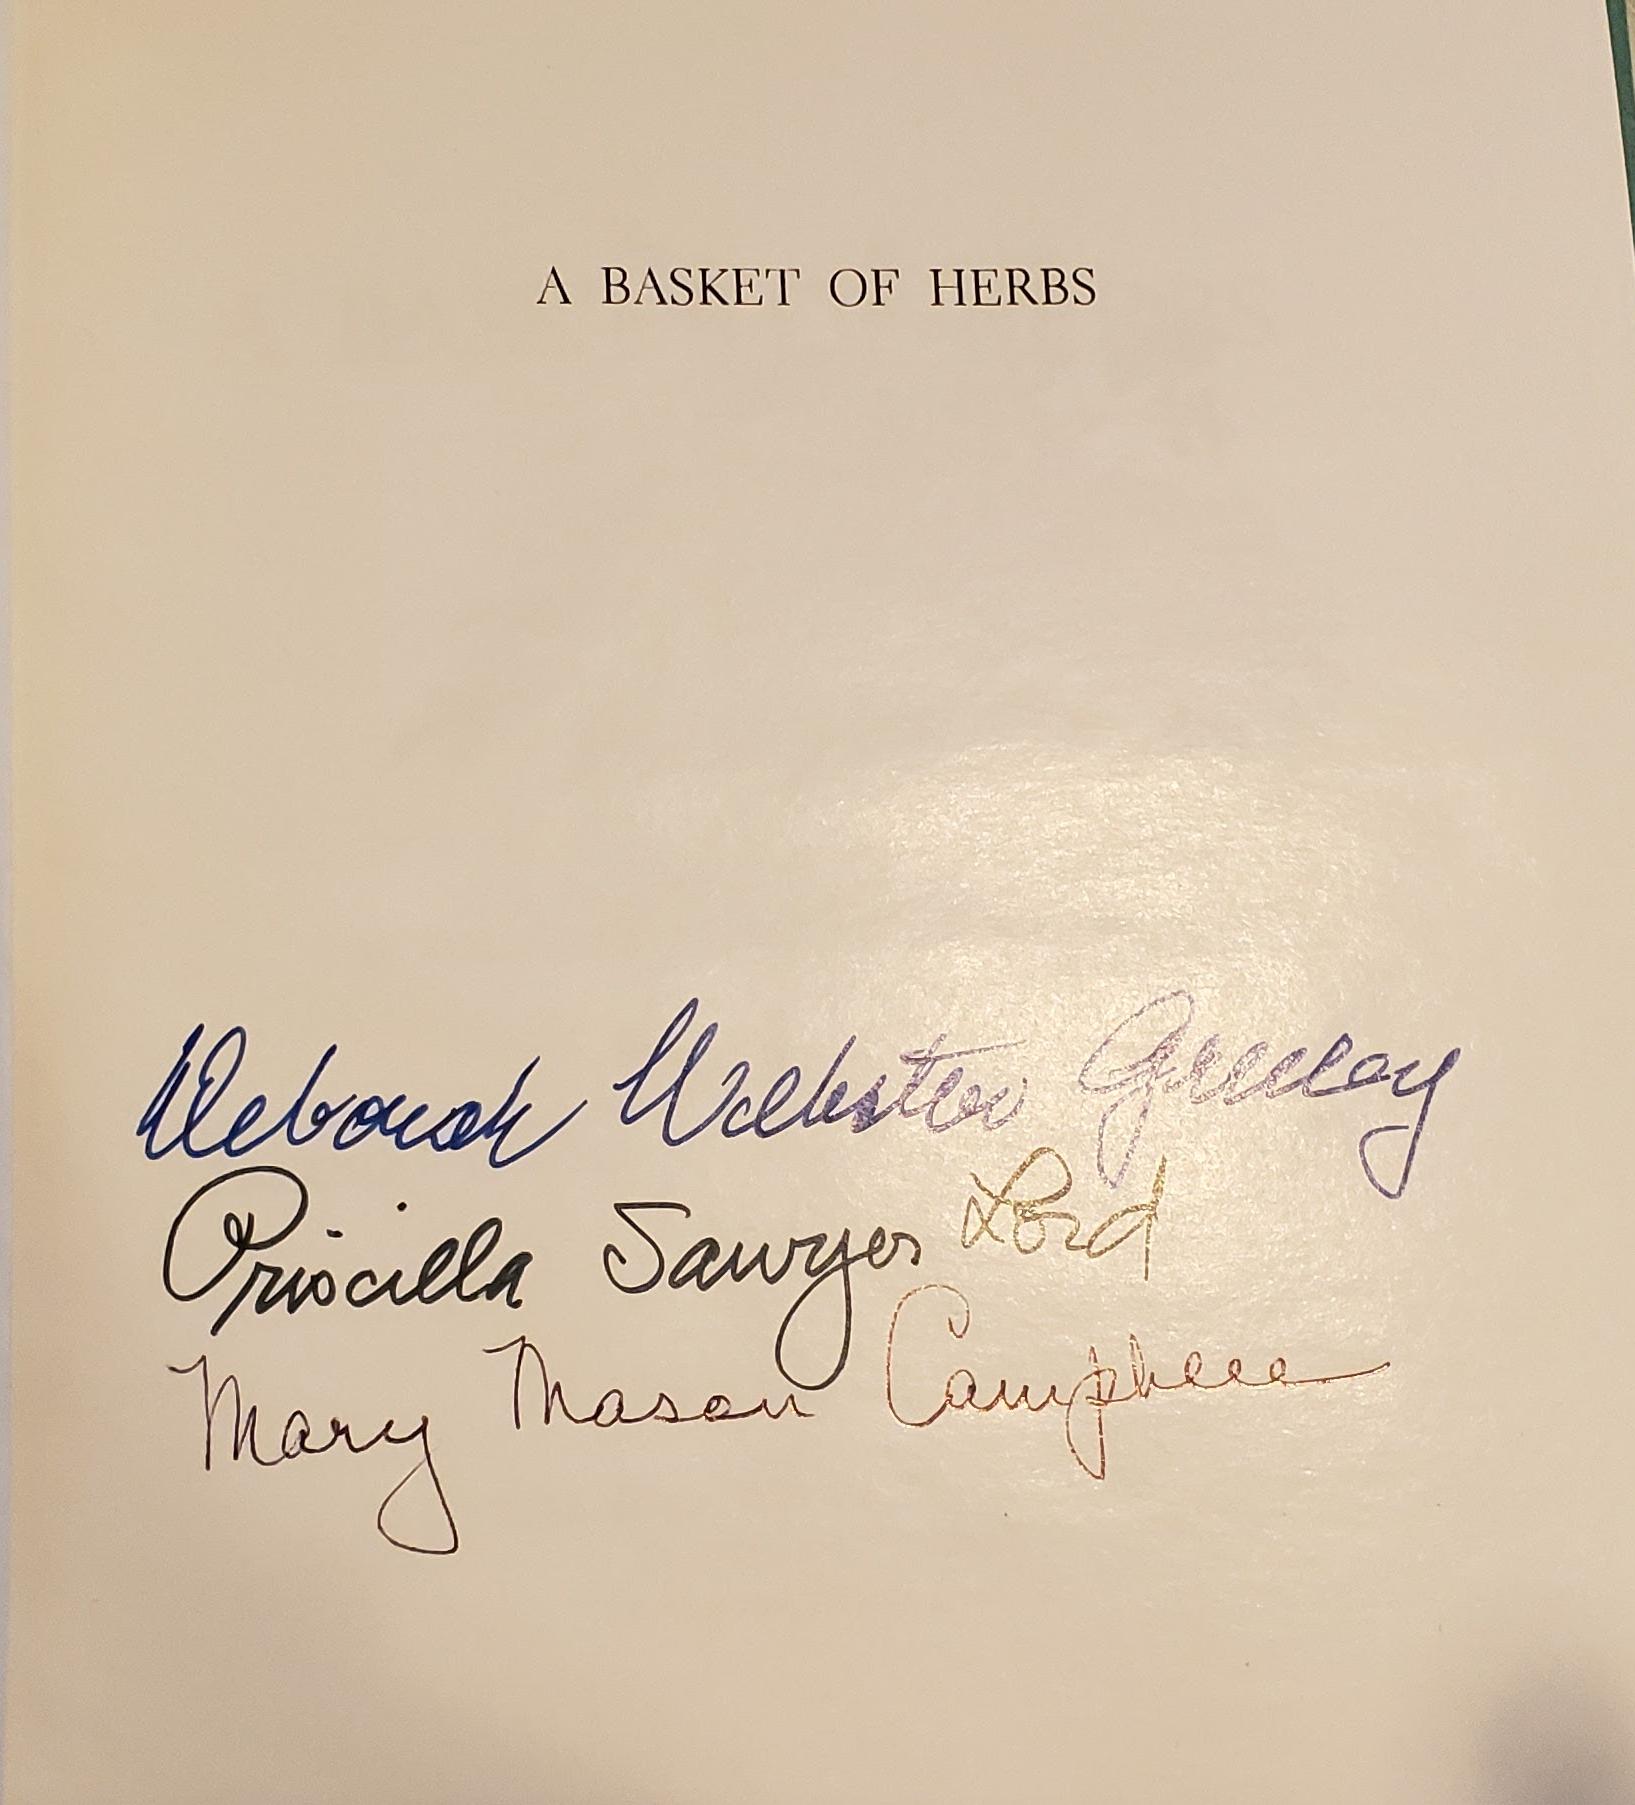 Book editors' signatures